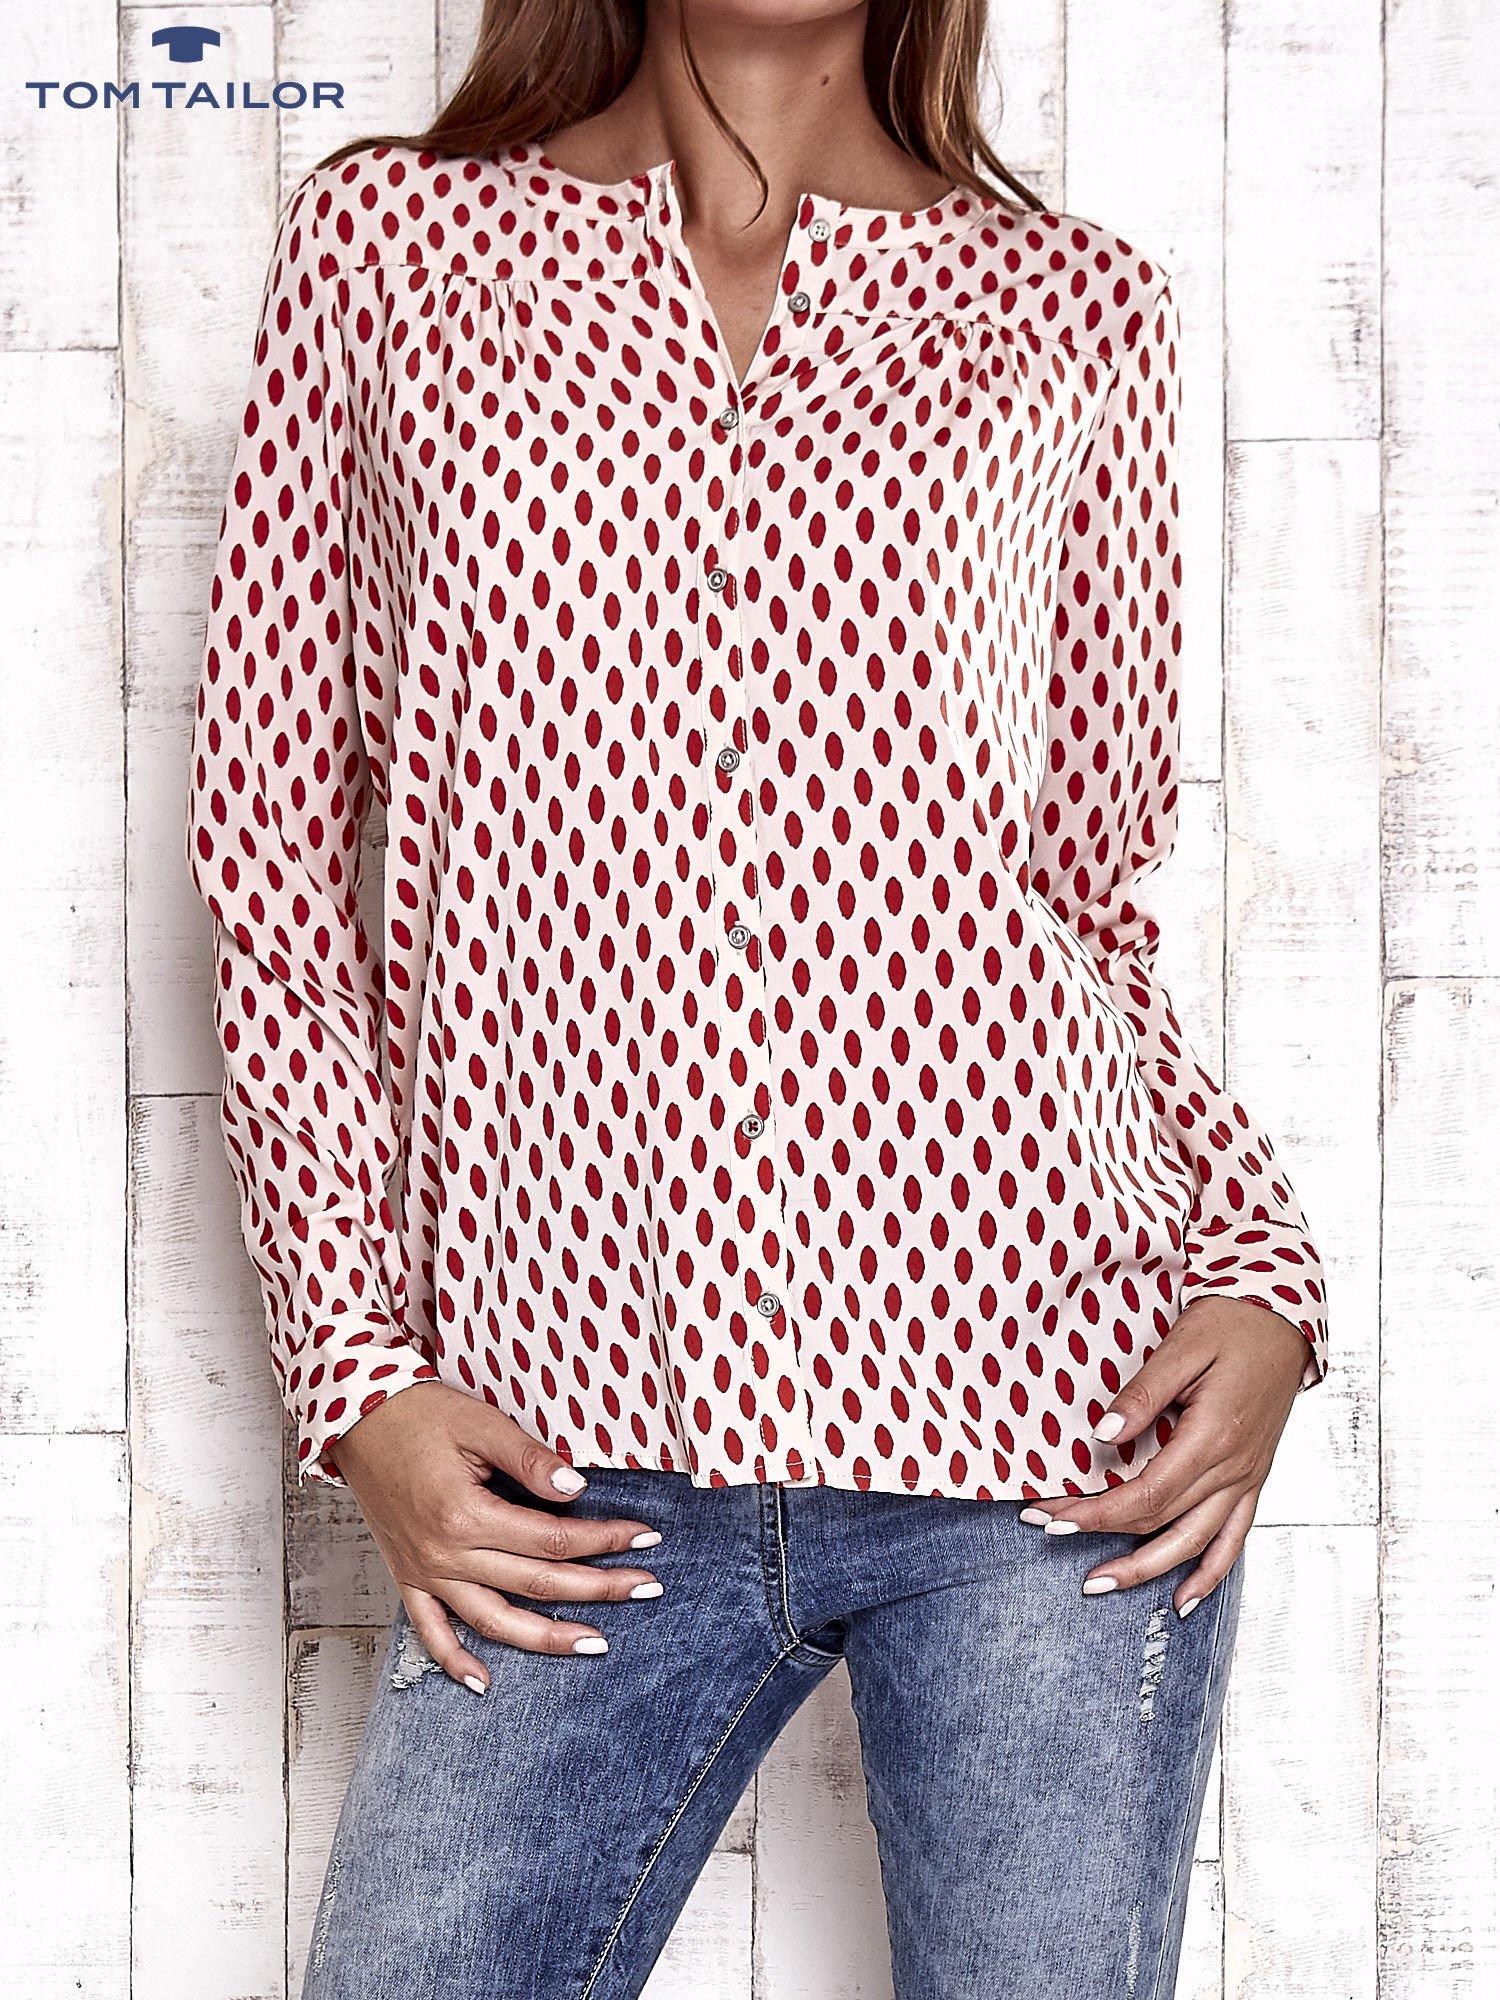 TOM TAILOR Brzoskwiniowa koszula w grochy                                  zdj.                                  1